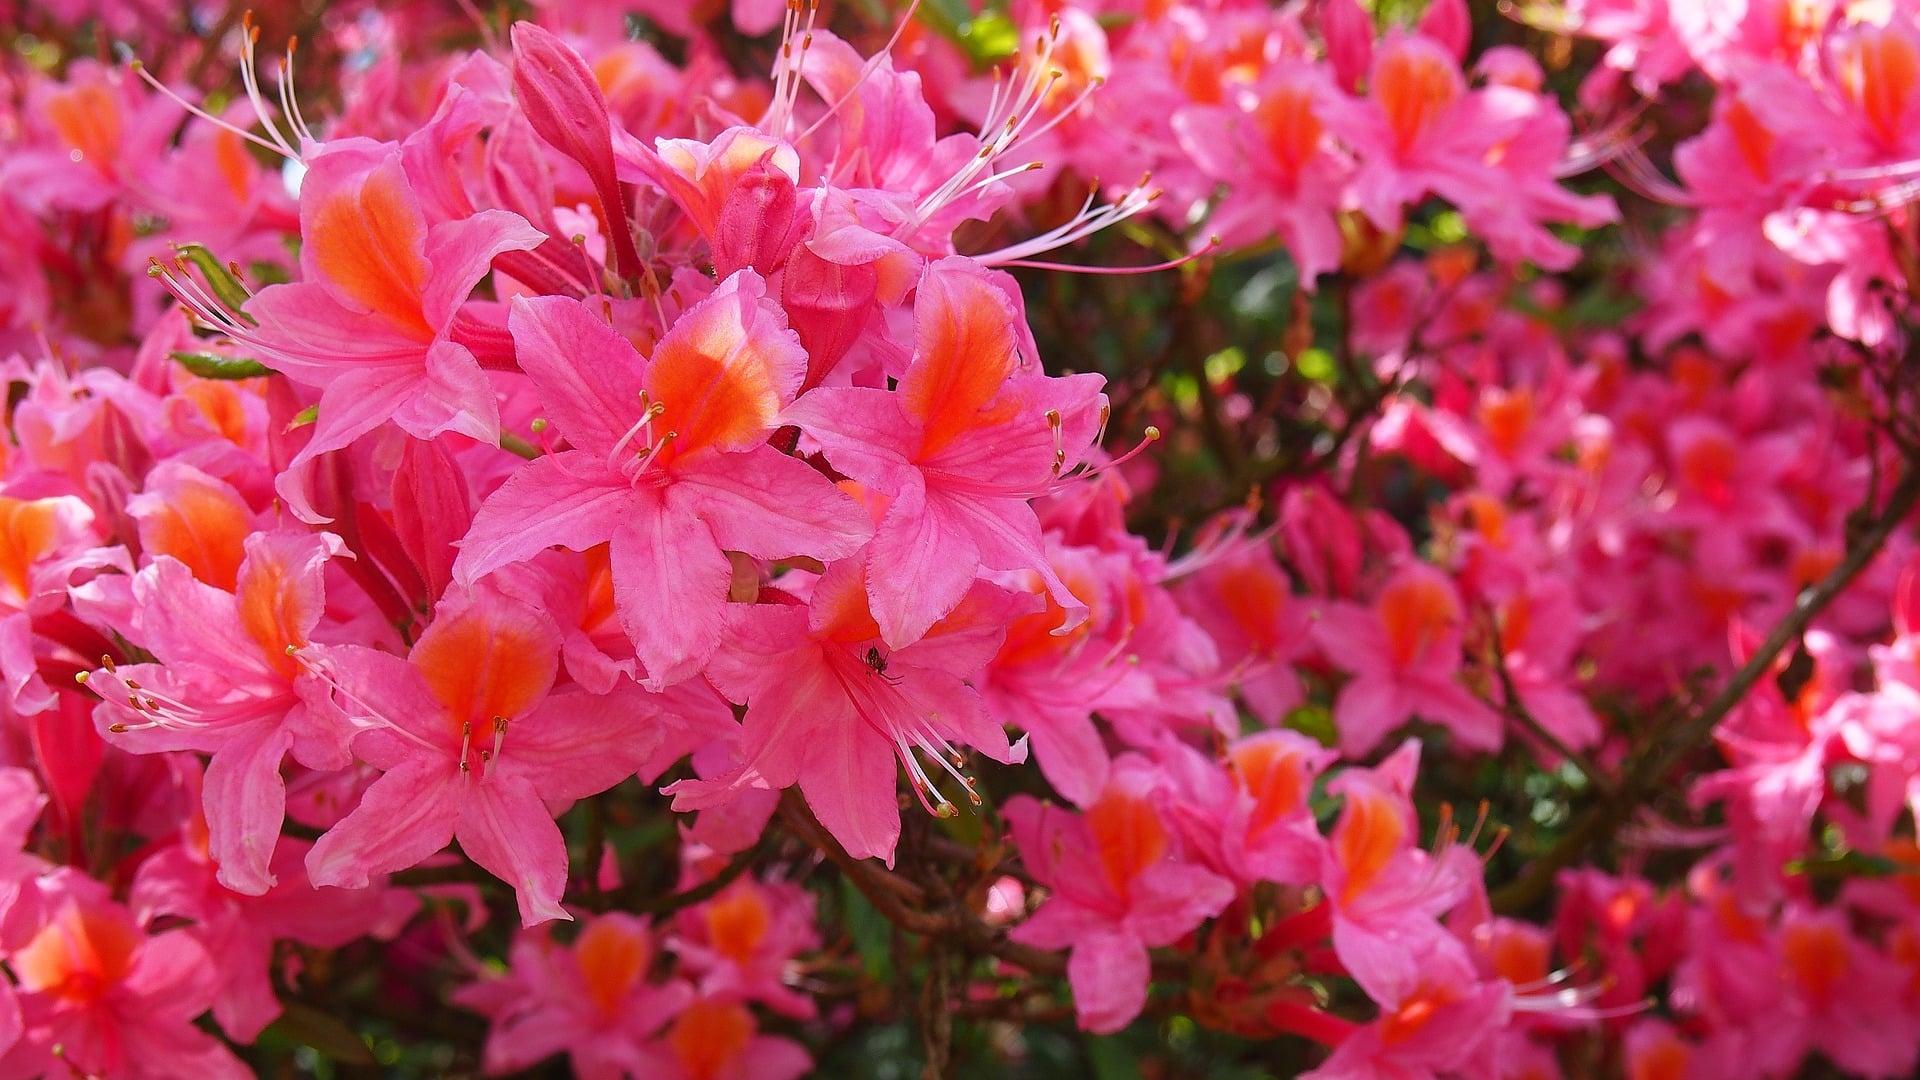 Planta azalea cuidados excellent plantas de interior pequeas with planta azalea cuidados good - Cuidado de azaleas en interior ...